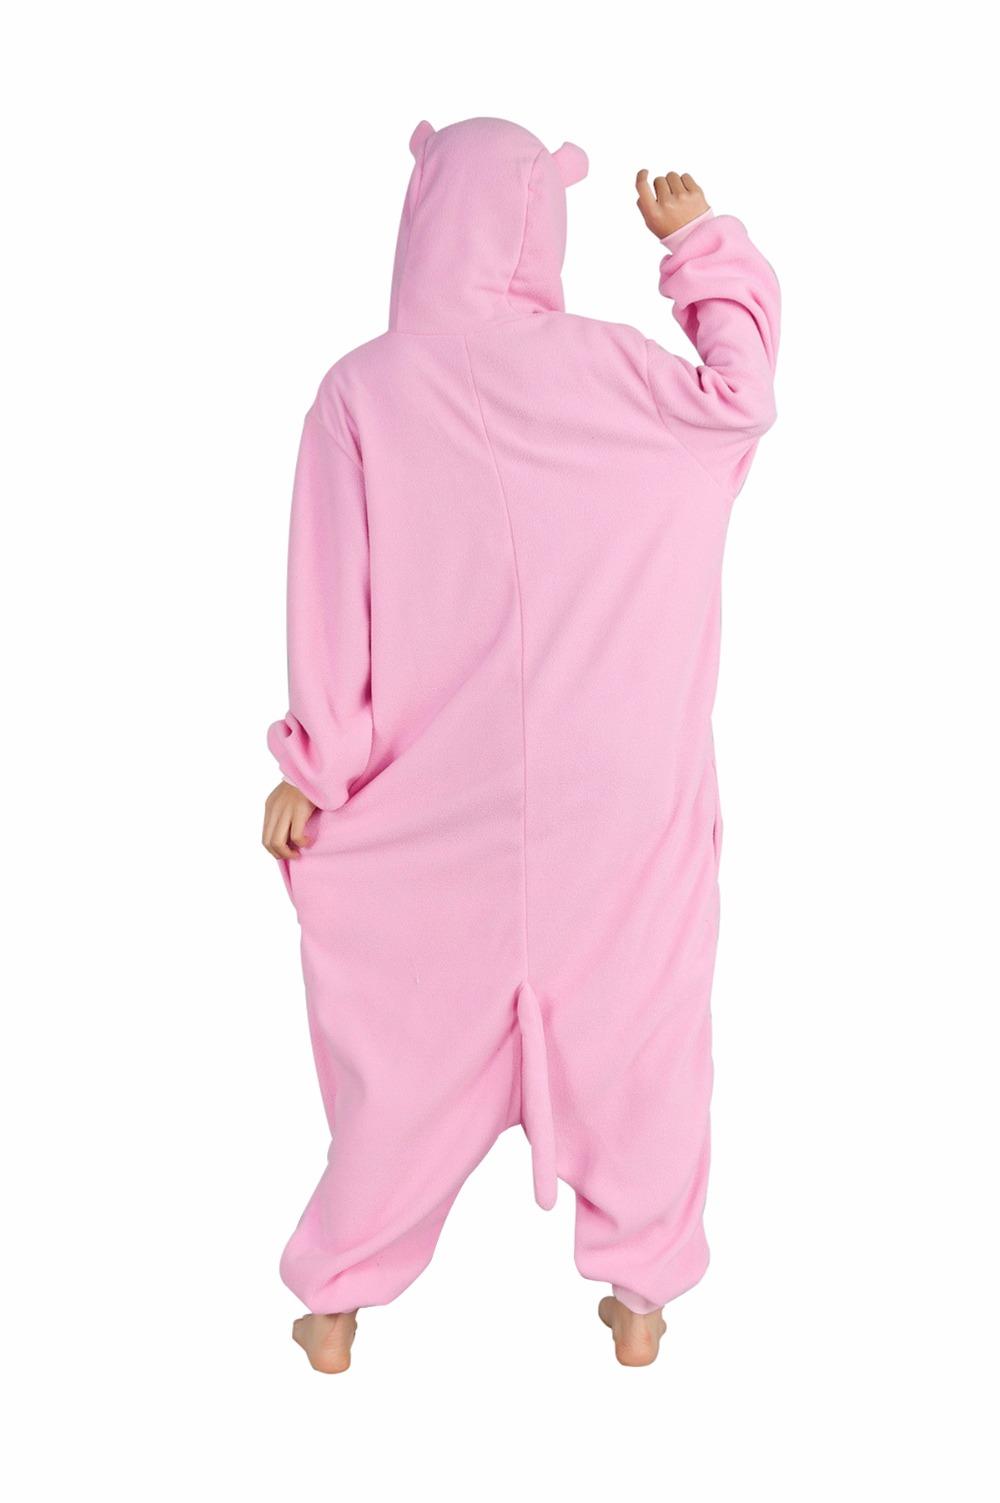 pink pig pajamas5